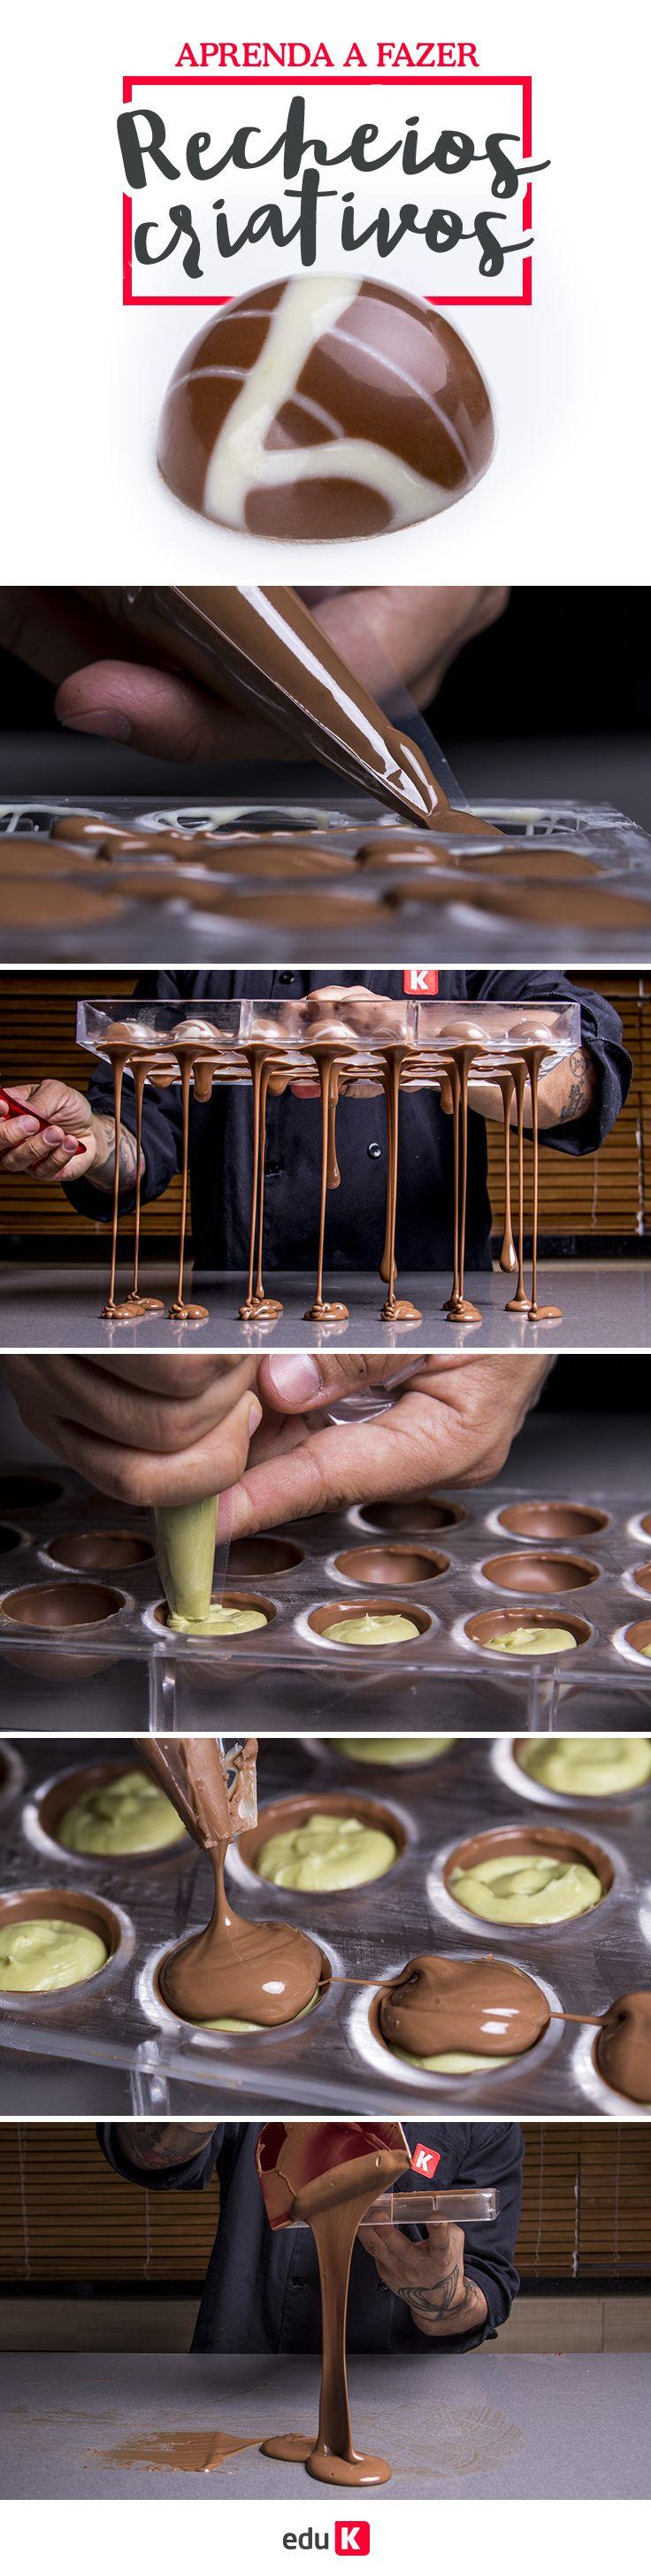 Aprenda tudo o que você precisa para manusear corretamente e fazer receitas perfeitas com chocolate. O especialista Diego Lozano te ensinará a fazer incríveis barras de chocolates, bombons, recheios e trufas. Você aprenderá conceitos básicos, interpretação de rótulos, diferenças entre tipos de chocolate e os resultados que produzem; e a prática de técnicas para garantir a textura adequada, saborização, modelagem e decoração. Curso ao vivo e gratuito apenas nos dias 12, 13 e 14 de junho de…